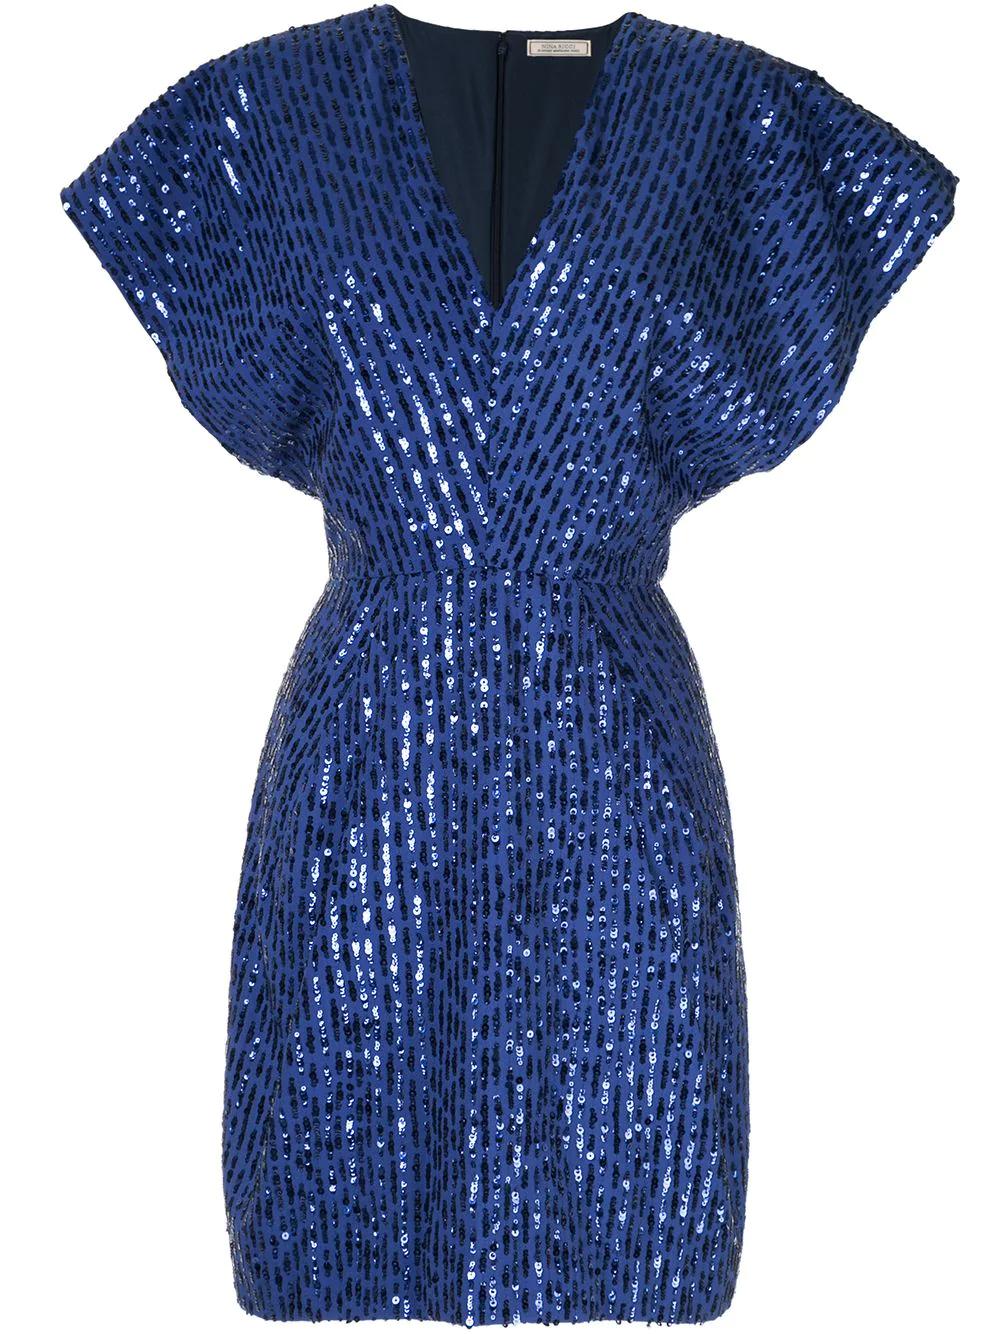 NINA RICCI | вечернее платье с пайетками | Clouty